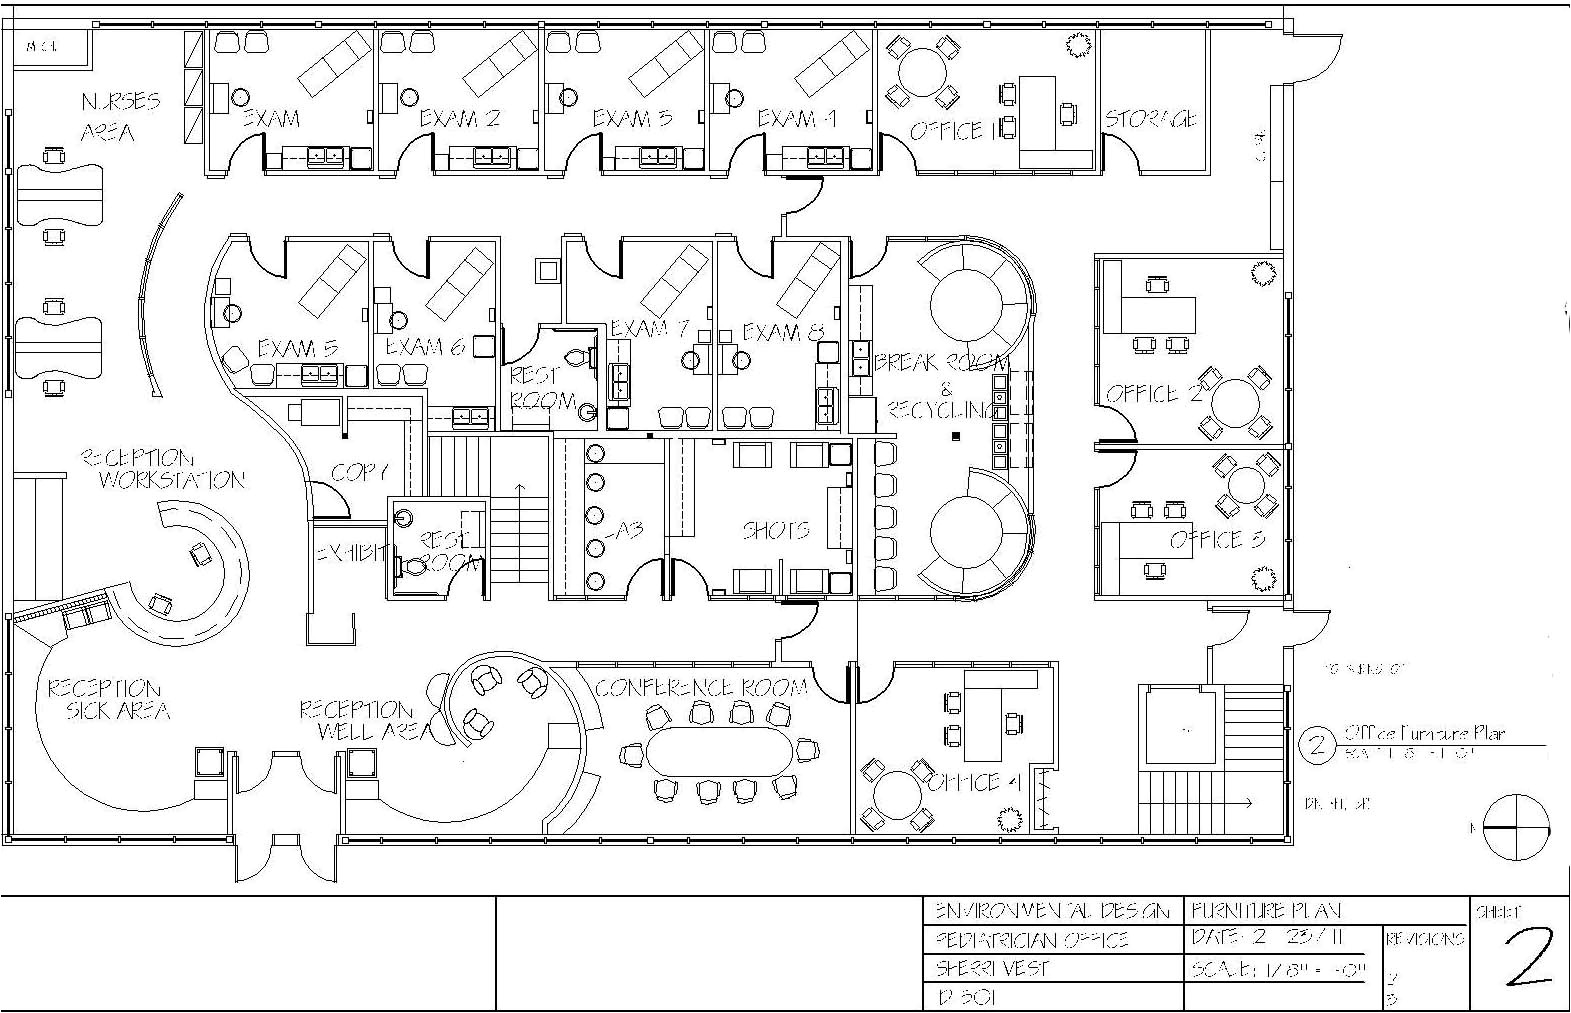 pediatric office floor plan sherri vest coroflot